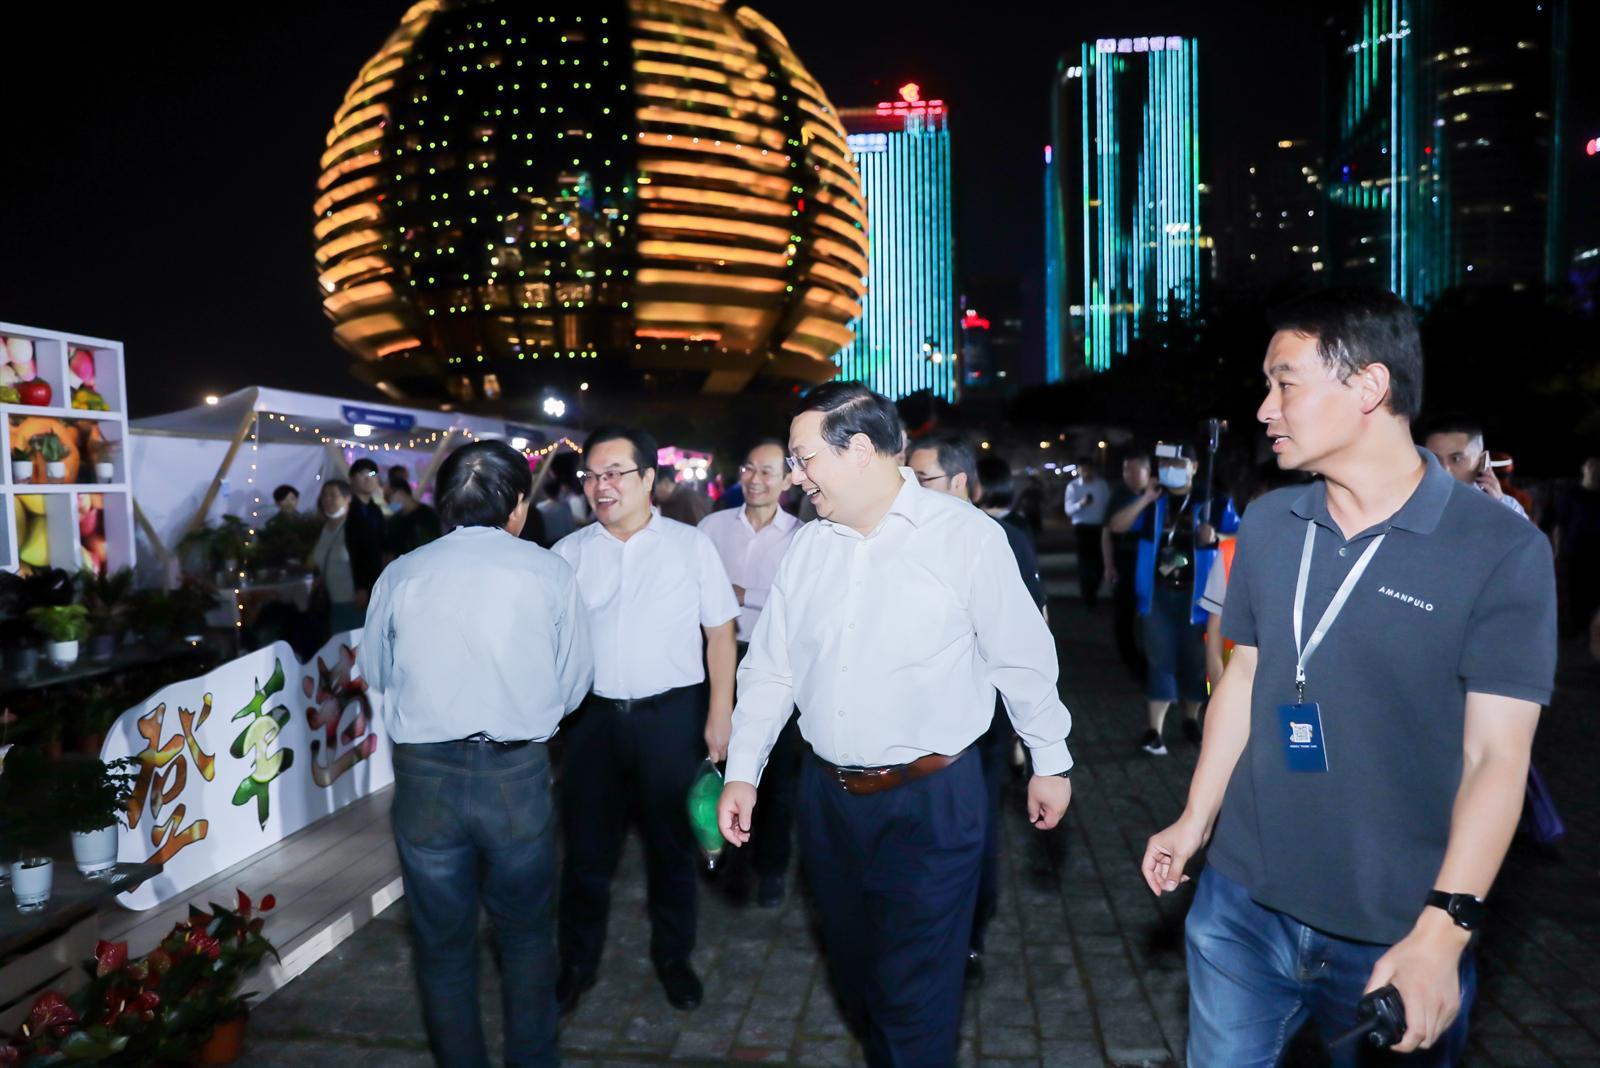 杭州市领导逛登丰造集夜市